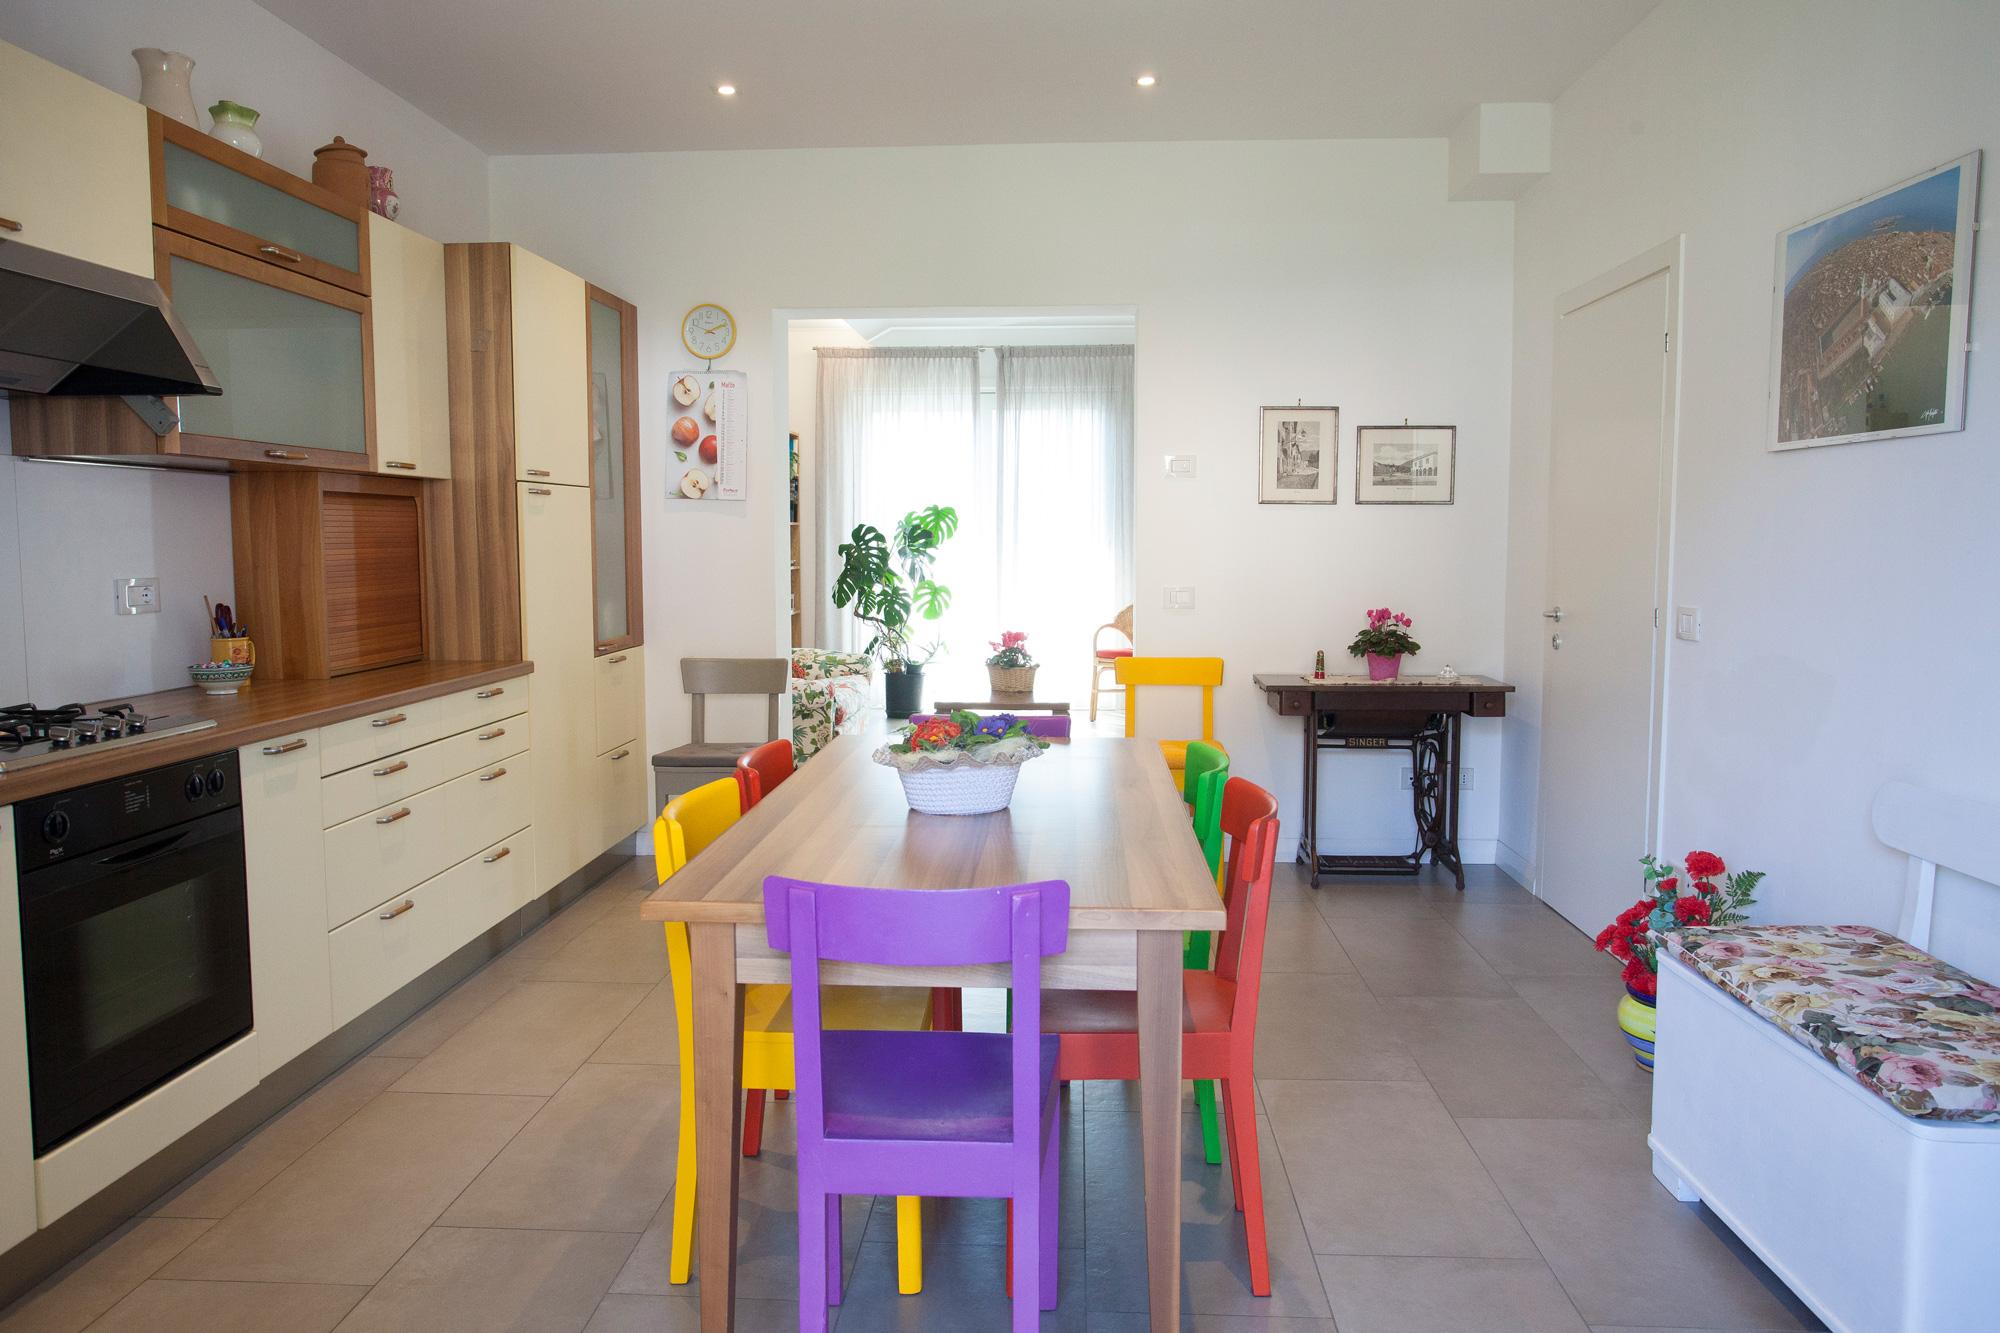 Carlotta Home cucina